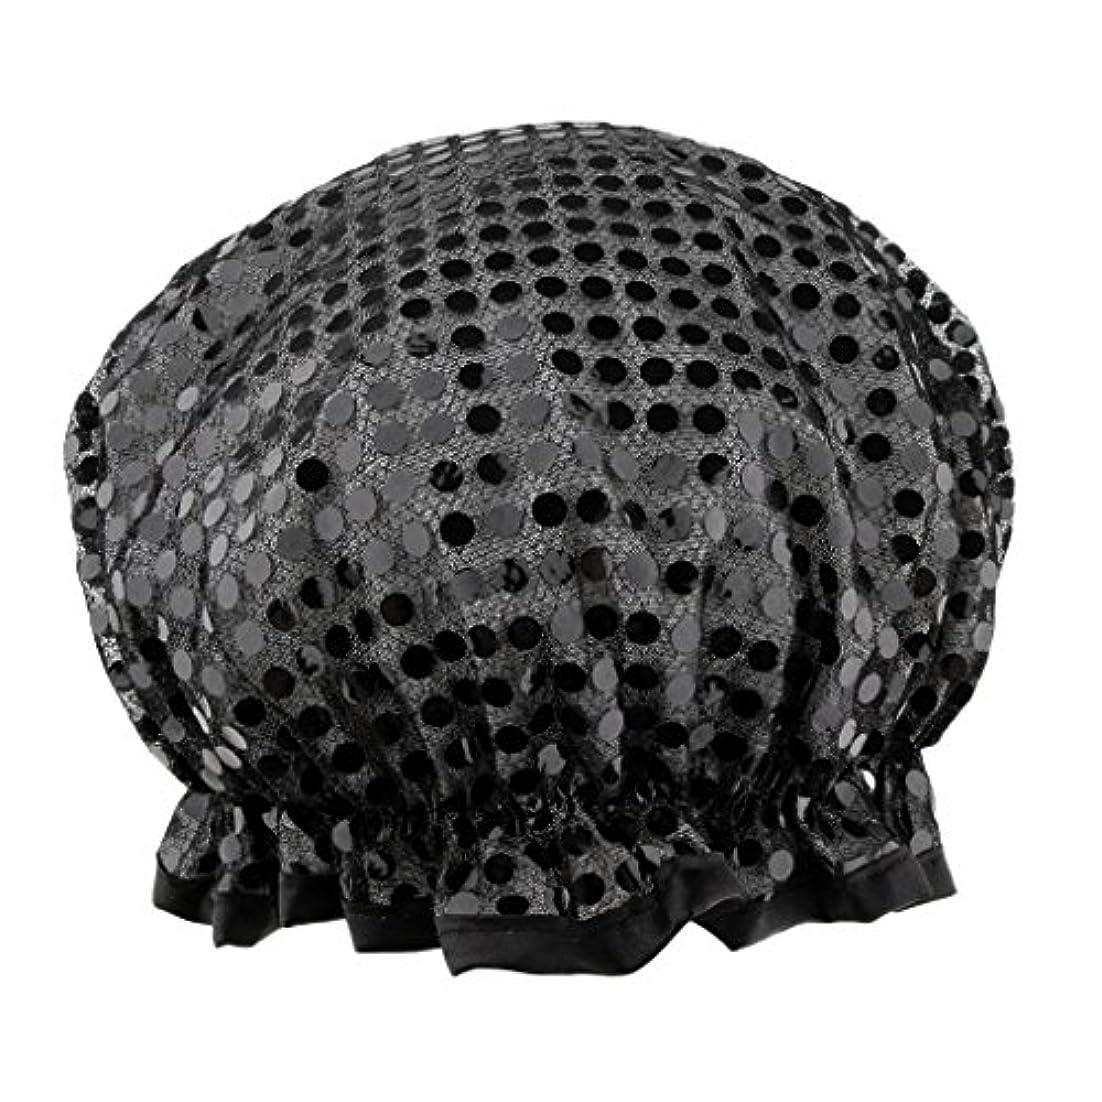 かりてキラウエア山アジテーションシャワーキャップ バスキャップ 入浴帽子 温泉 SPA シャワー 料理 ヘアマスク 女性用 耐久性 3色選べる - ブラック